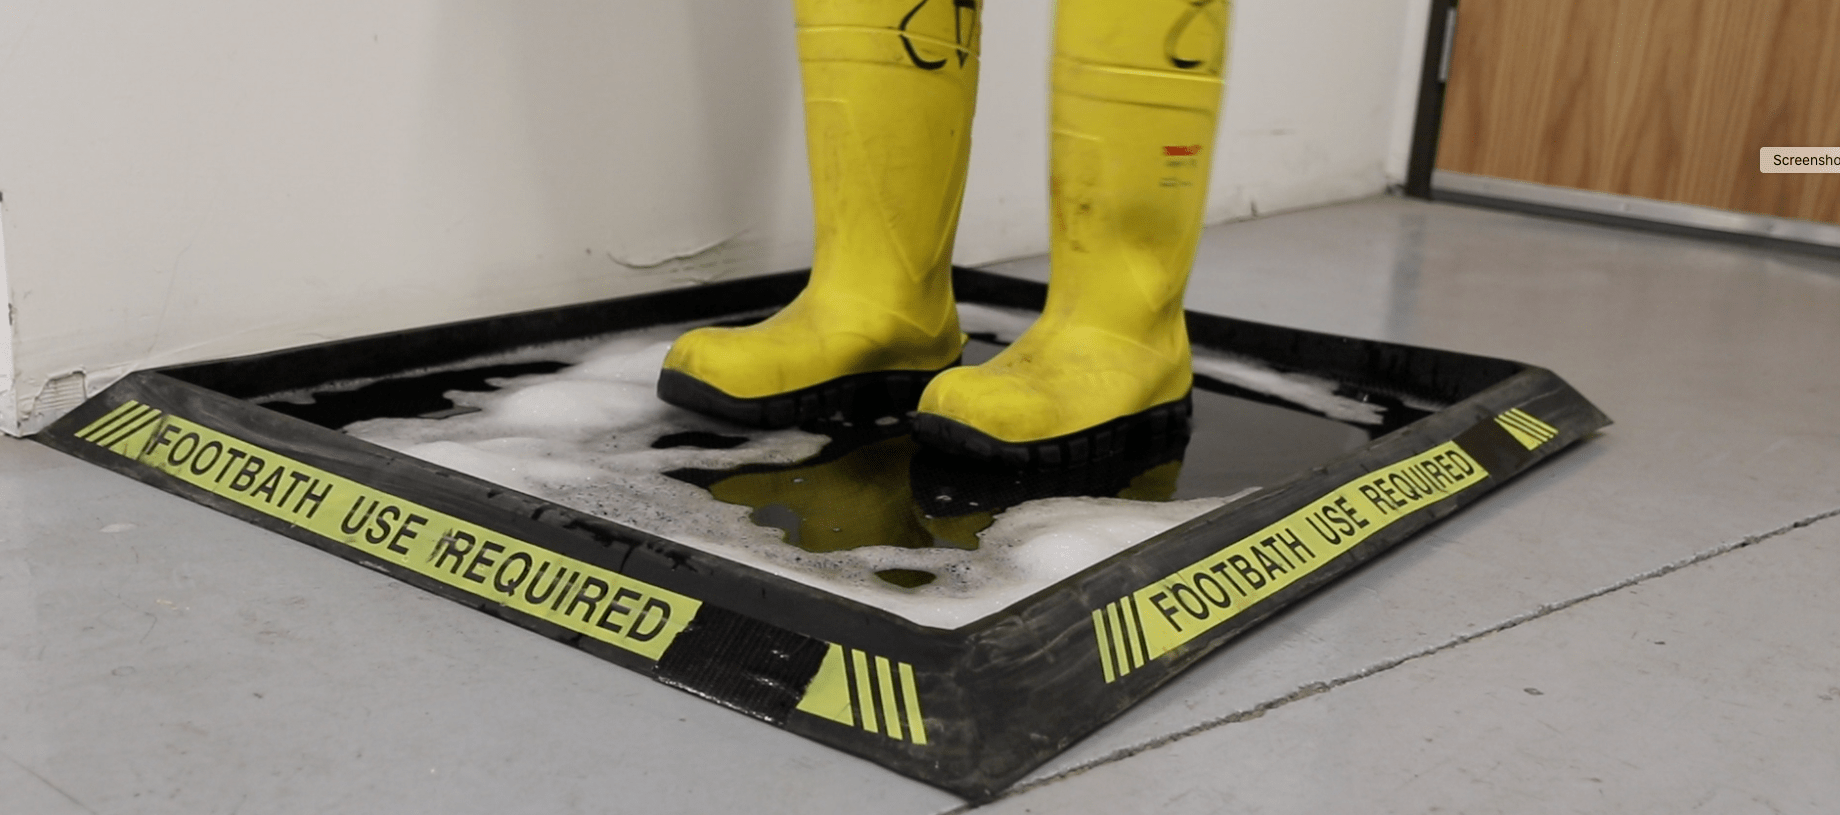 SanitizingFootwear